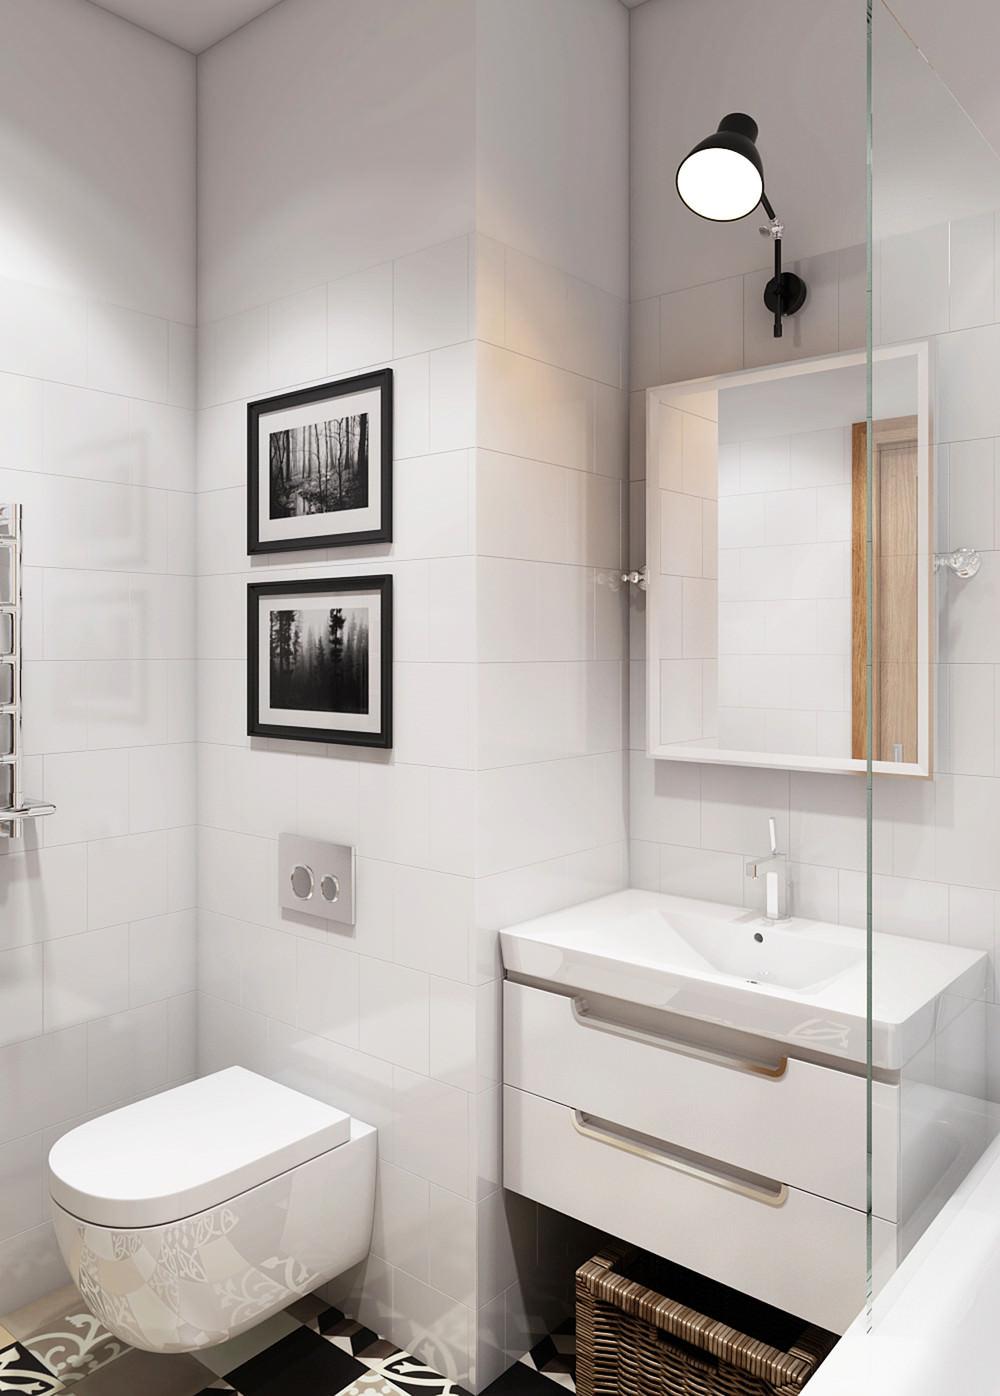 mini-studio-pokazva-ideen-interior-s-multifunktsionalni-mebeli-19-m-910g